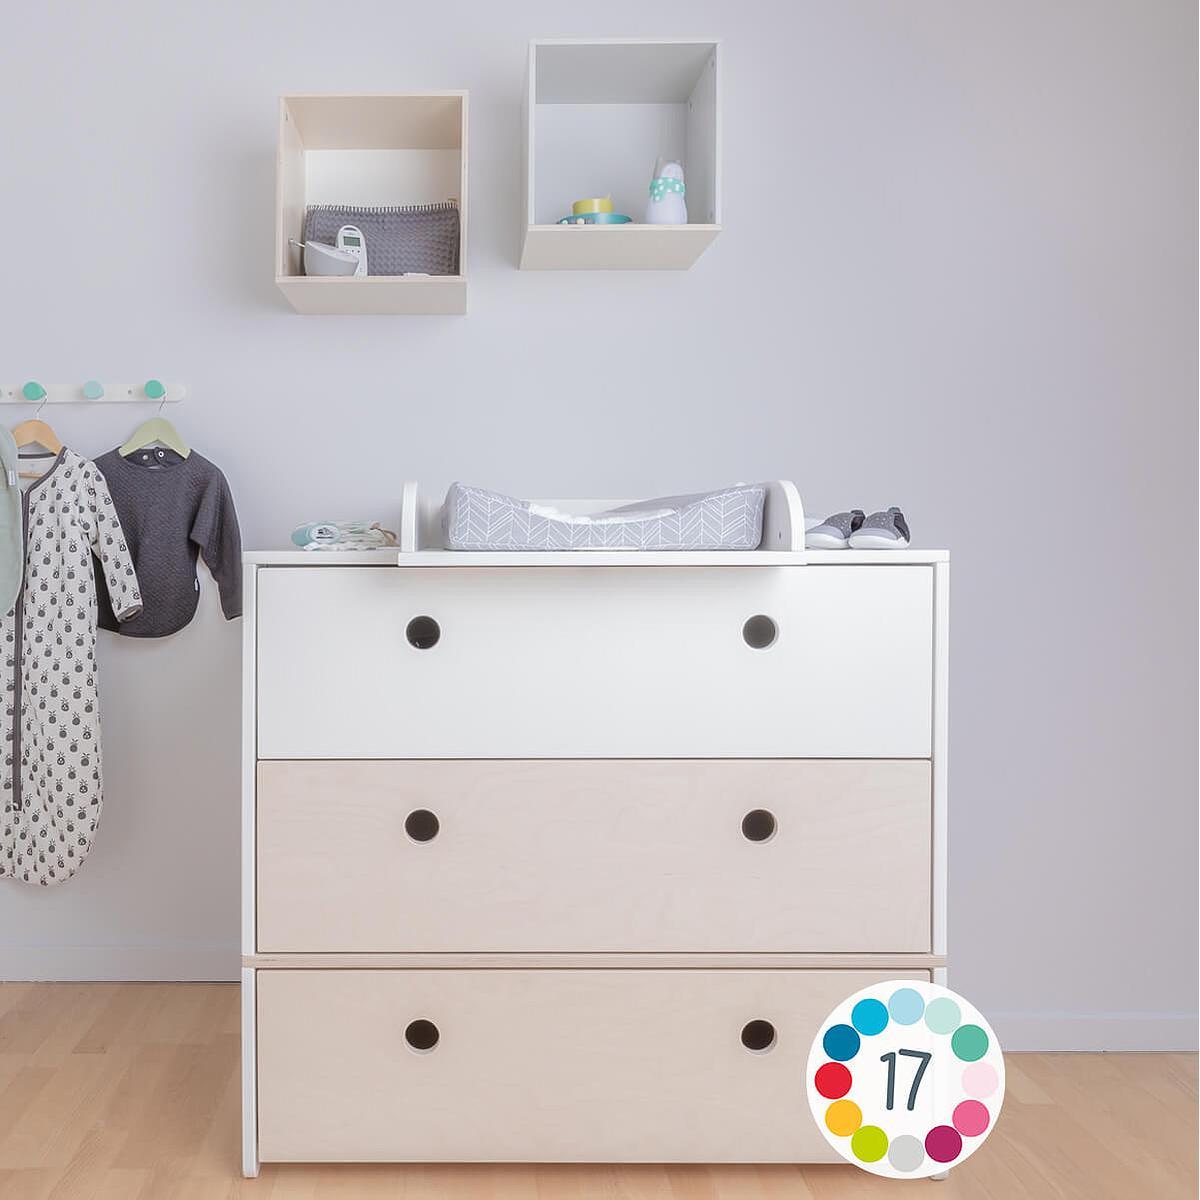 Commode COLORFLEX façades tiroirs mint-mint-white wash